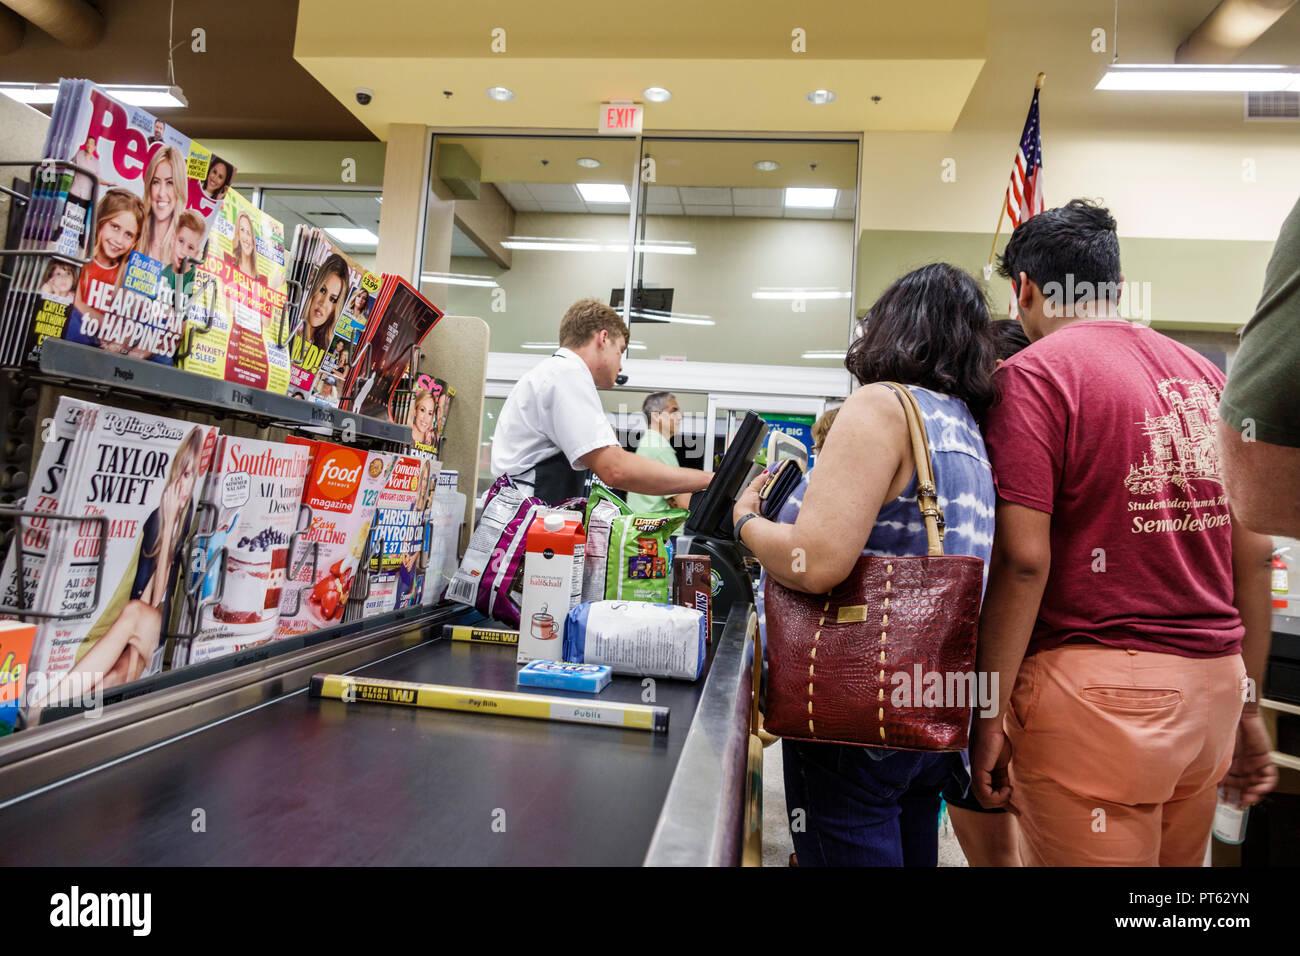 St. Saint Petersburg Florida Publix Grocery Store supermarket inside display sale magazines checkout cashier line queue conveyor belt man woman couple - Stock Image